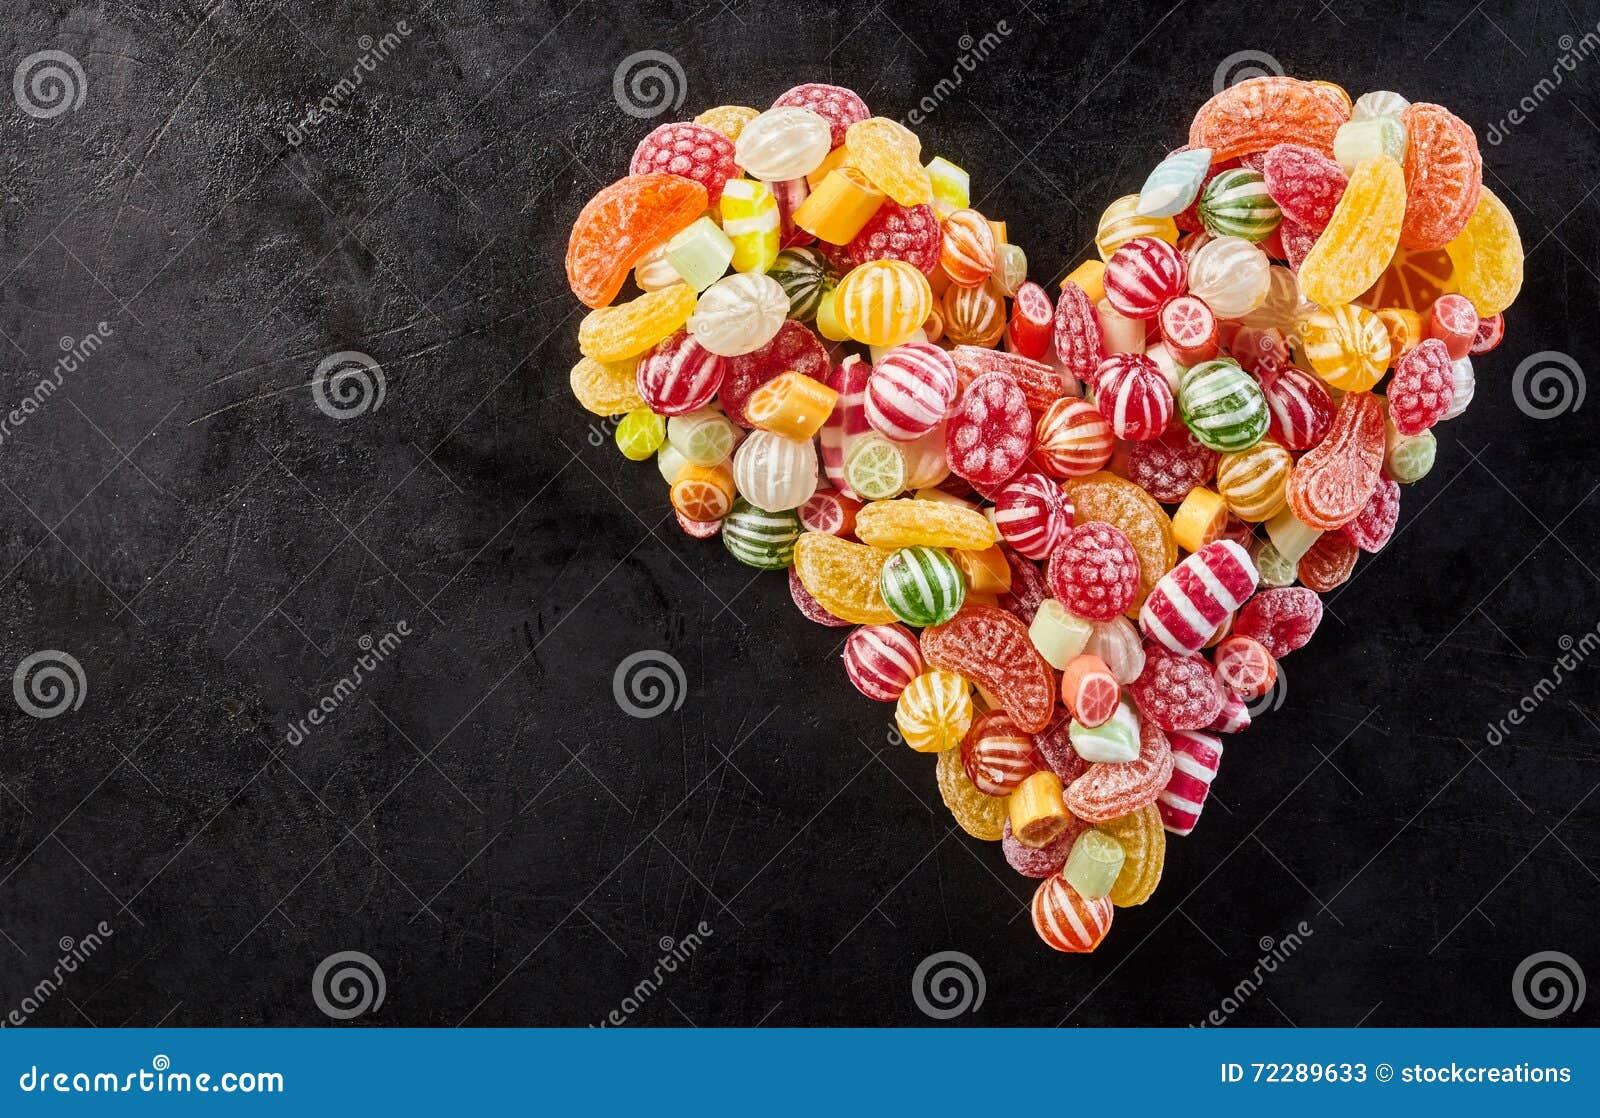 Download Черная предпосылка при форма сердца сделанная из конфет Стоковое Изображение - изображение насчитывающей конфеты, backhoe: 72289633